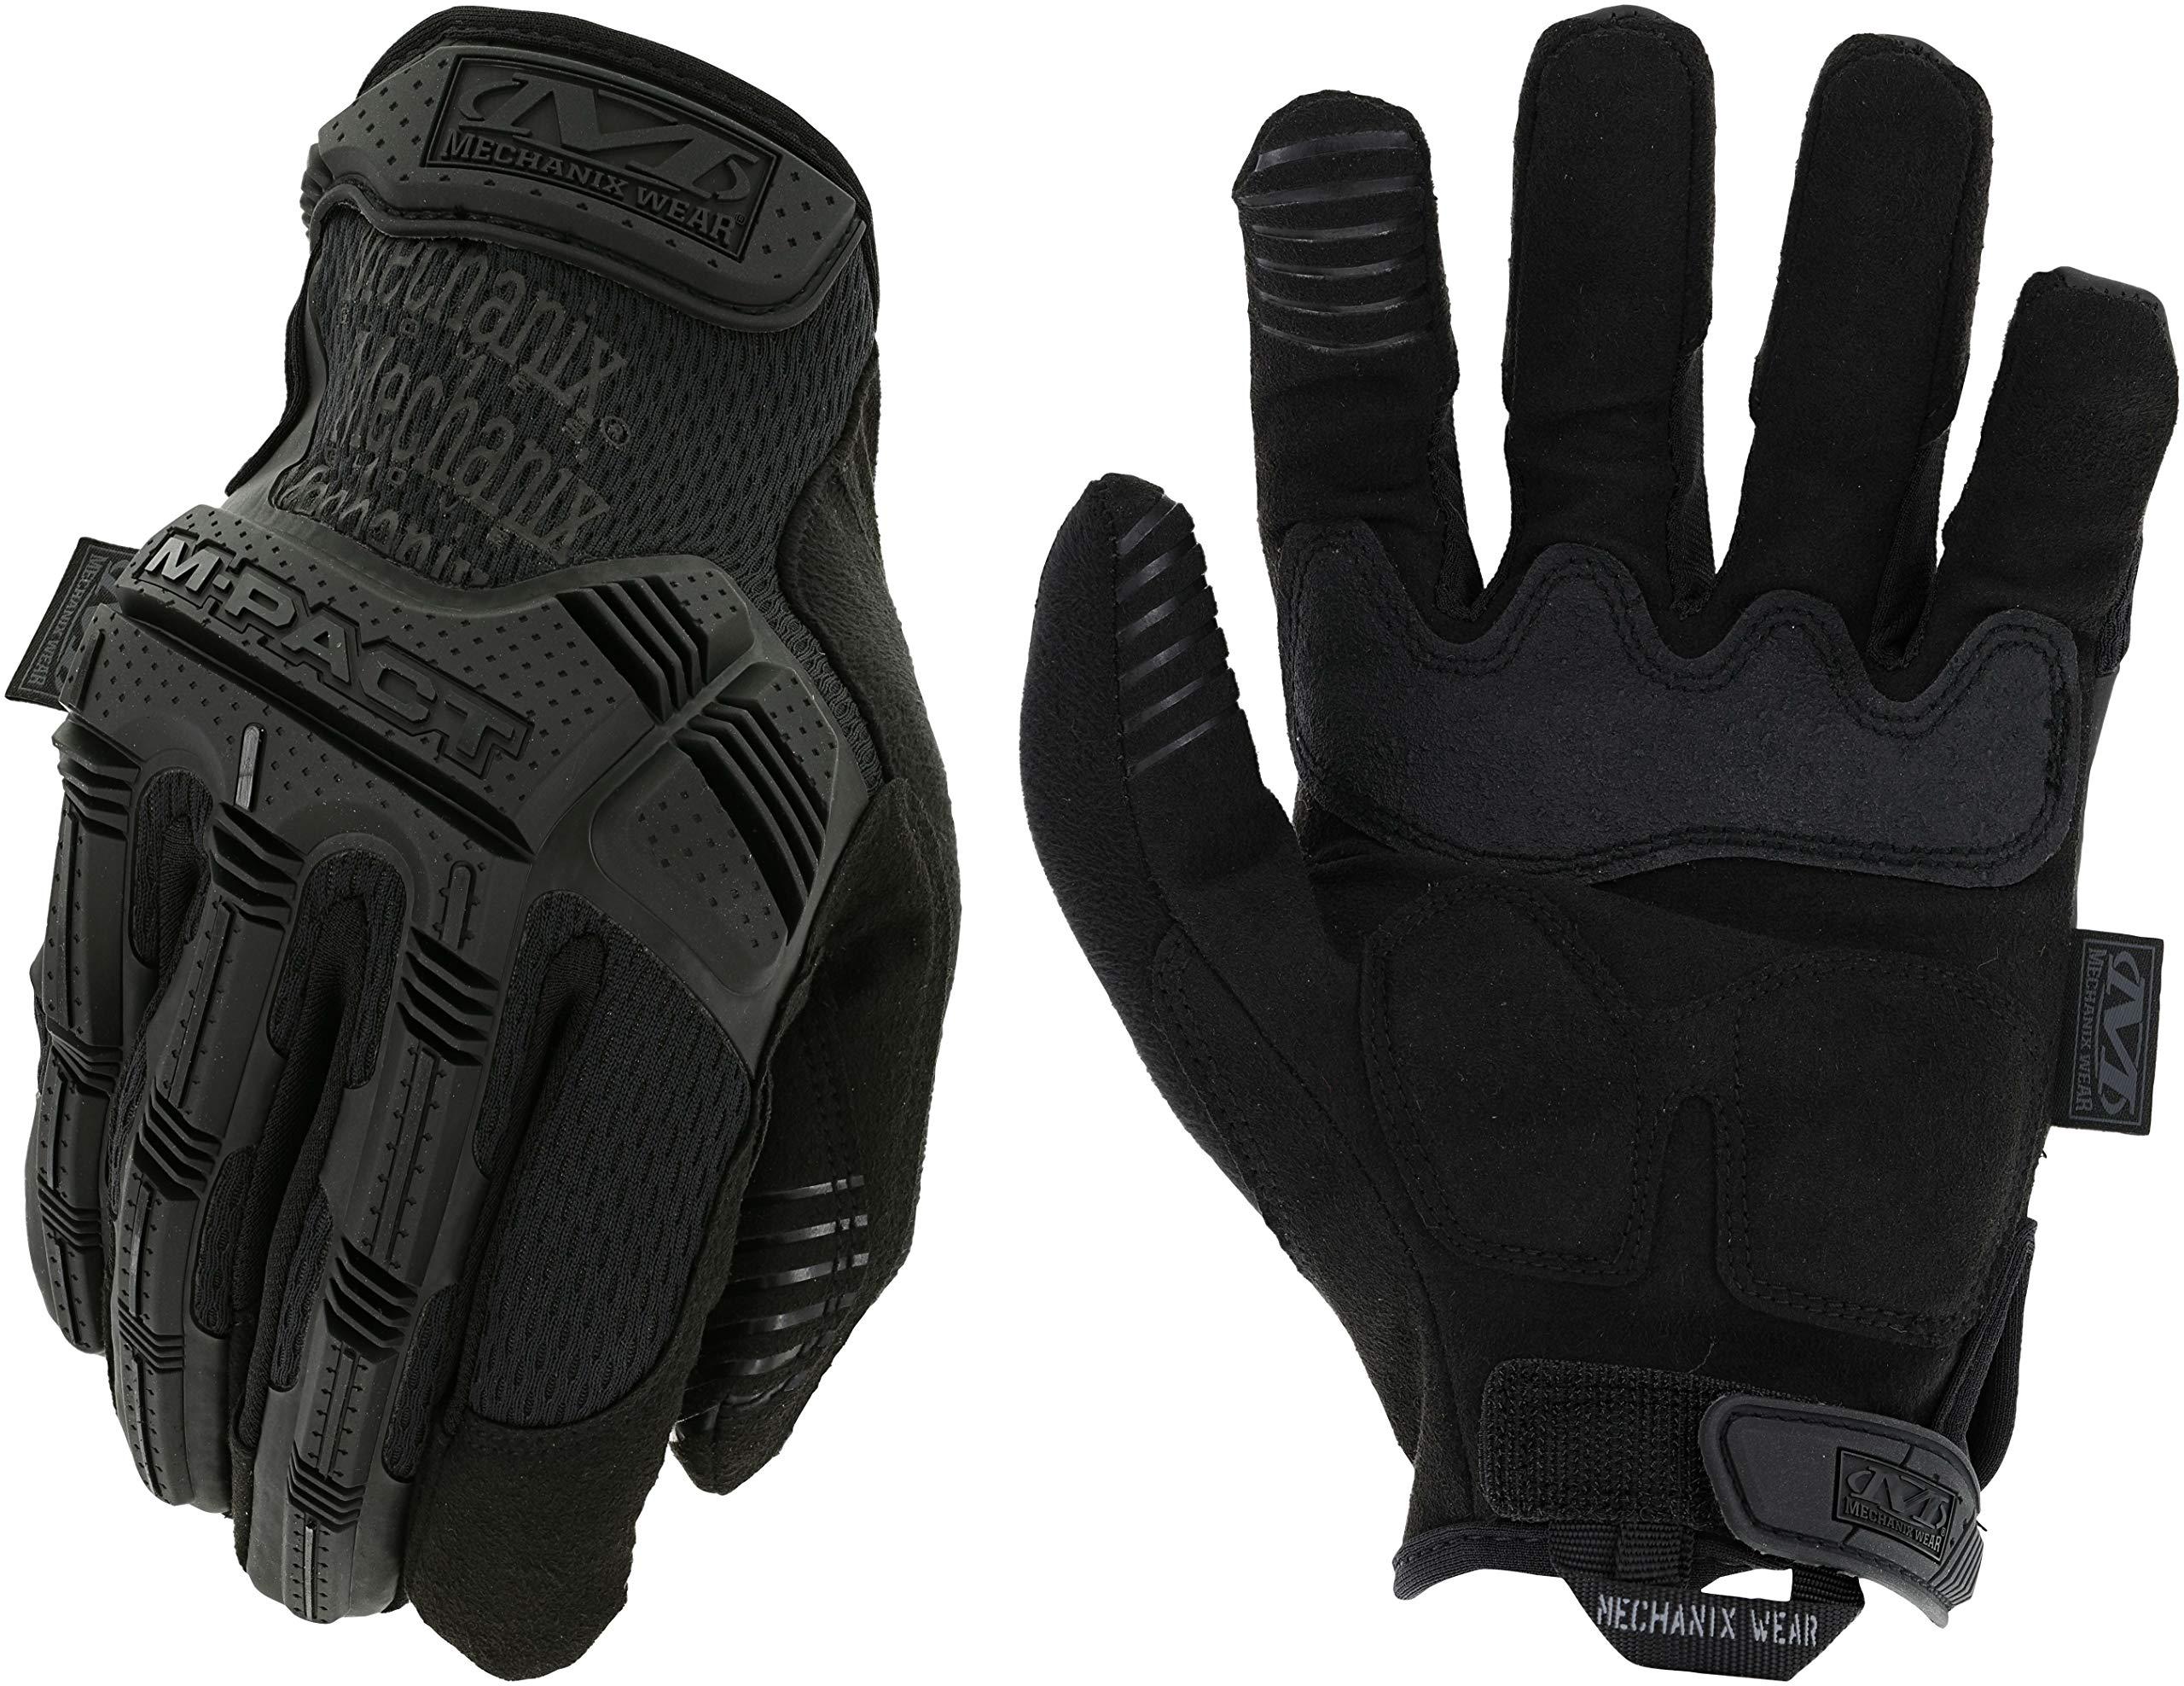 Mechanix Wear - M-Pact Covert Tactical Gloves (Medium, Black) by Mechanix Wear